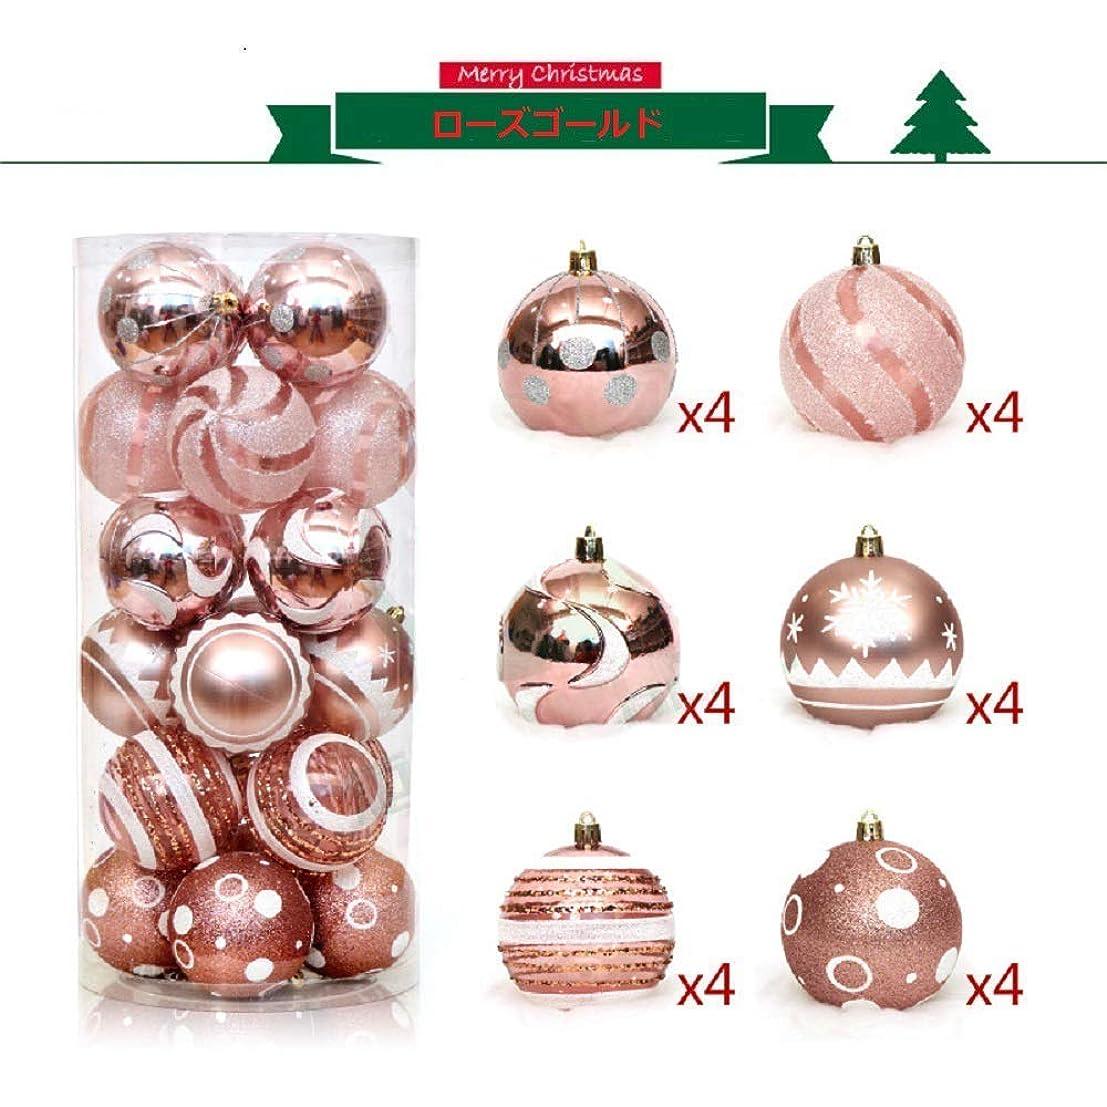 破裂くつろぐスキルクリスマスボール オーナメント ロマンティック クリスマスツリー 飾り クリスマス飾り デコレーションボール 北欧 おしゃれ飾り 可愛い 華やか 雑貨 ローズゴールド (ローズゴールド)